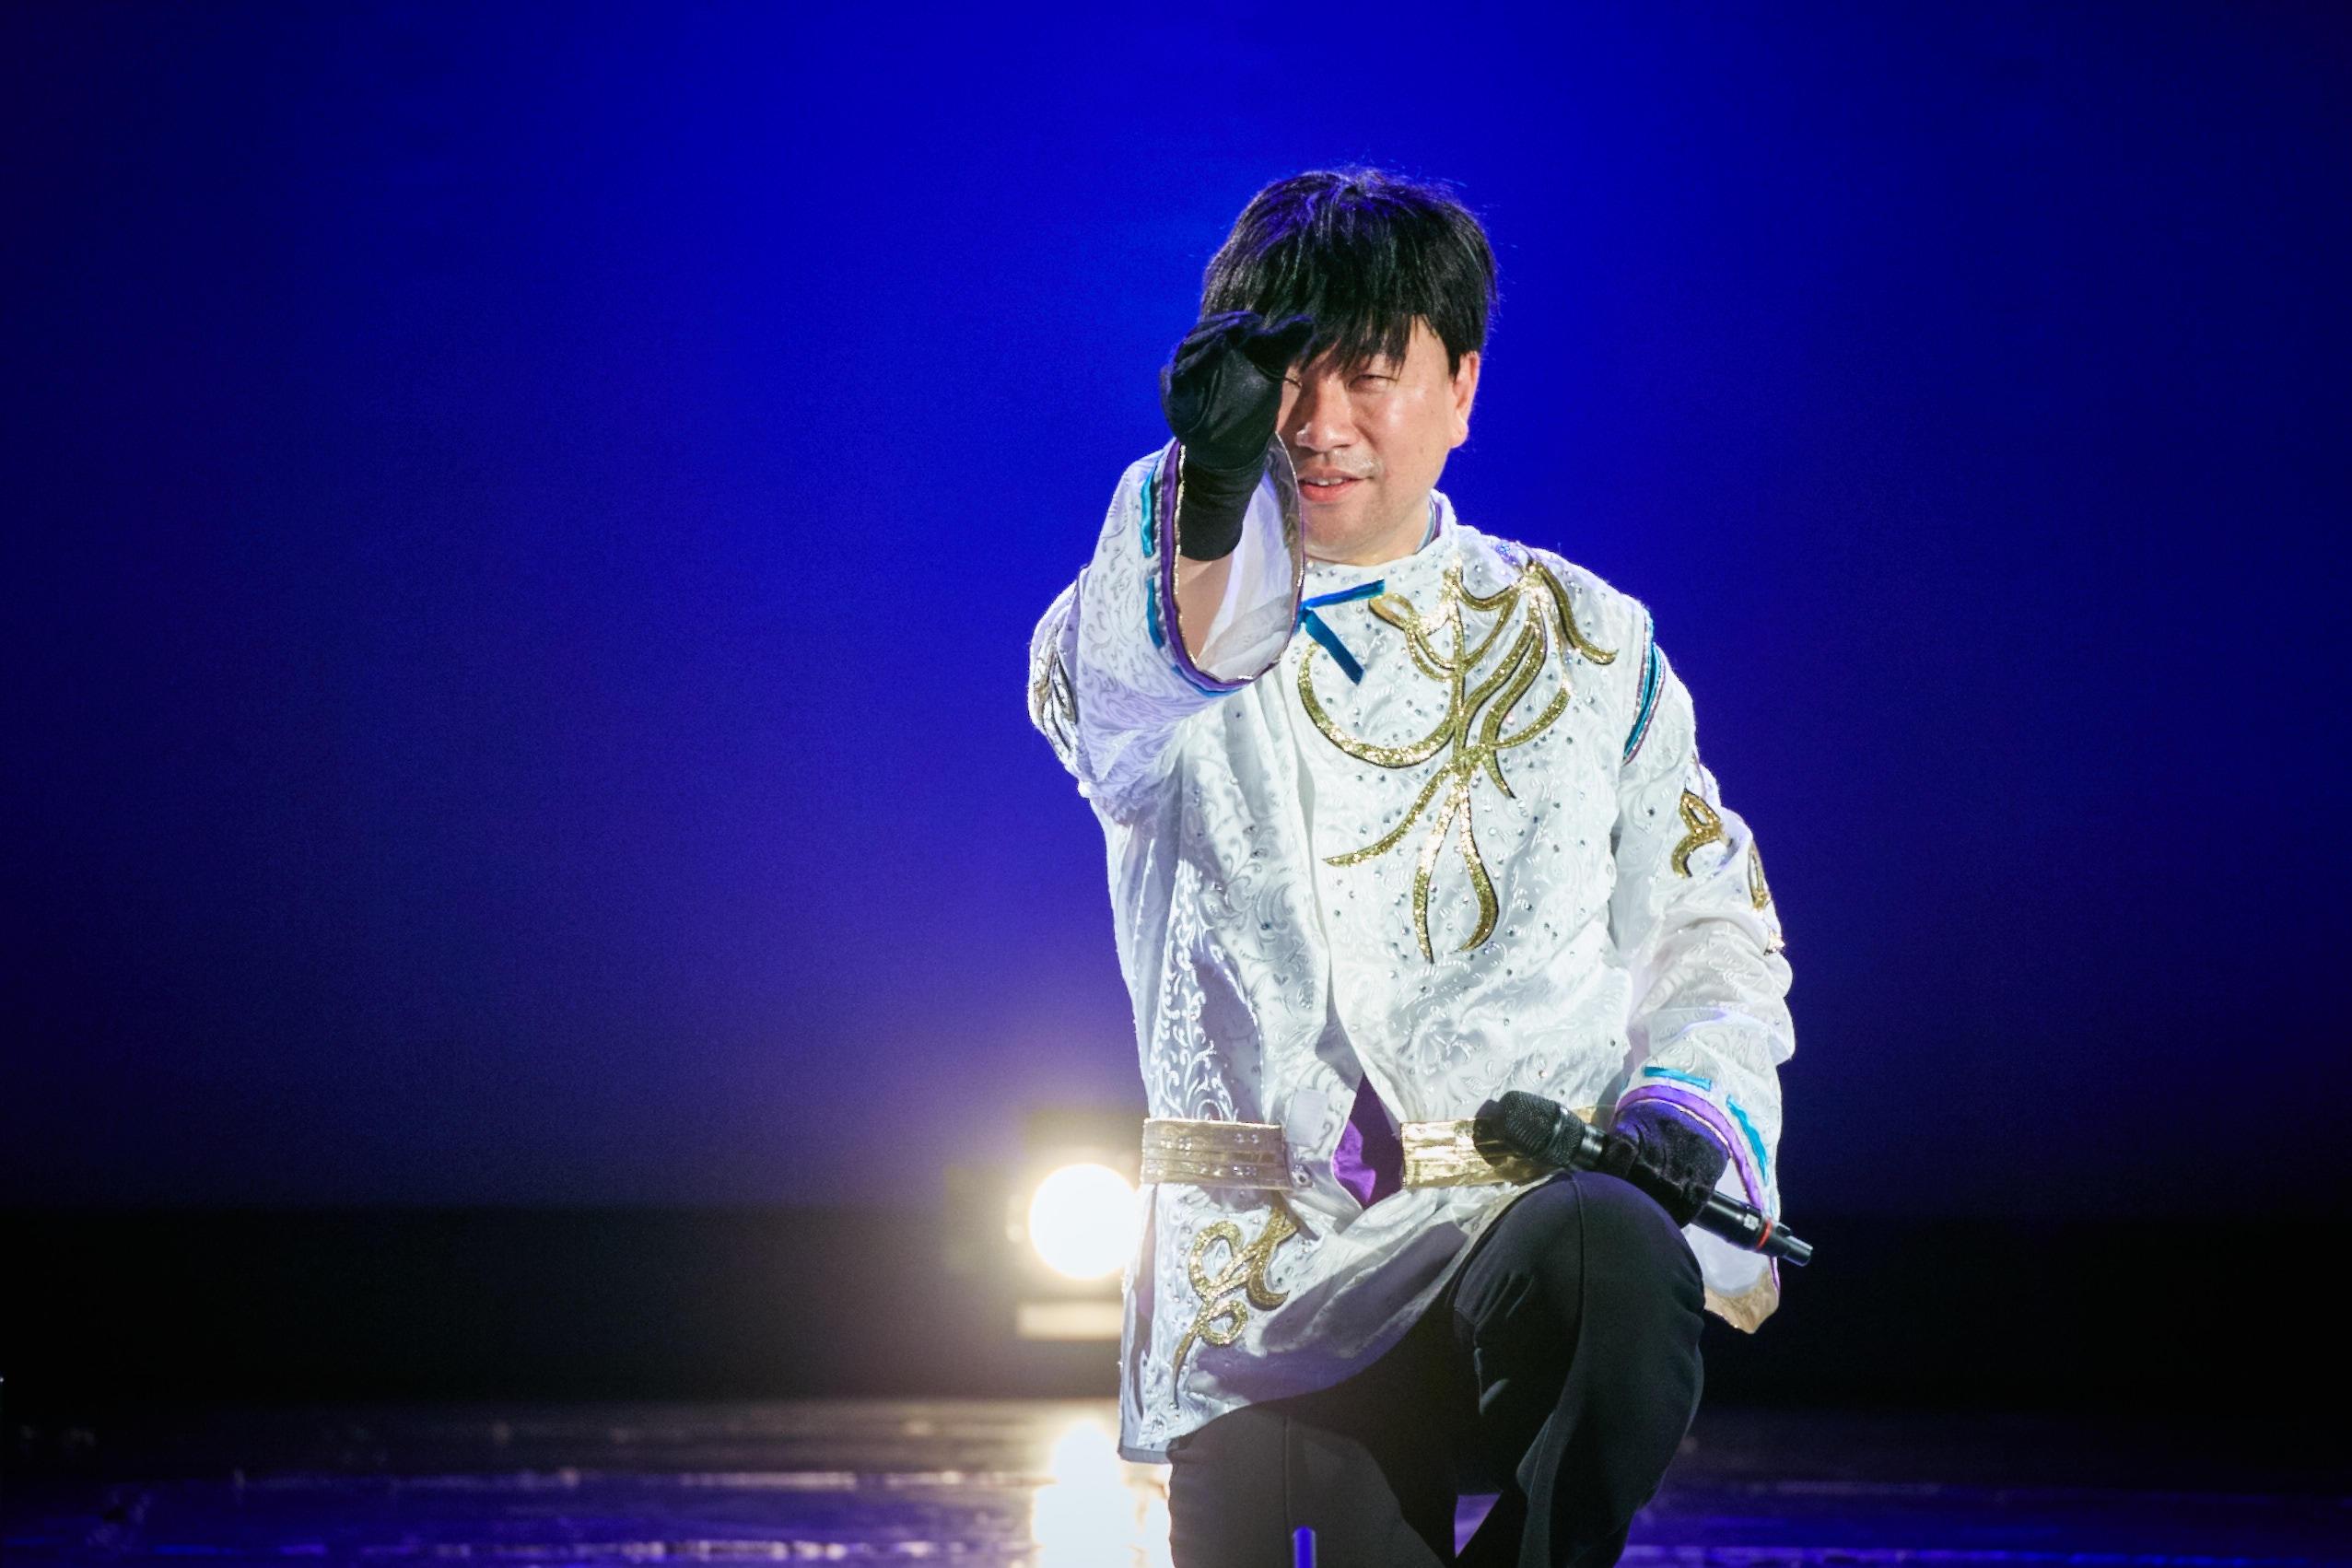 http://news.yoshimoto.co.jp/20180716105326-a8176d6da7ca27b29e1d913af41380c5cb923677.jpg